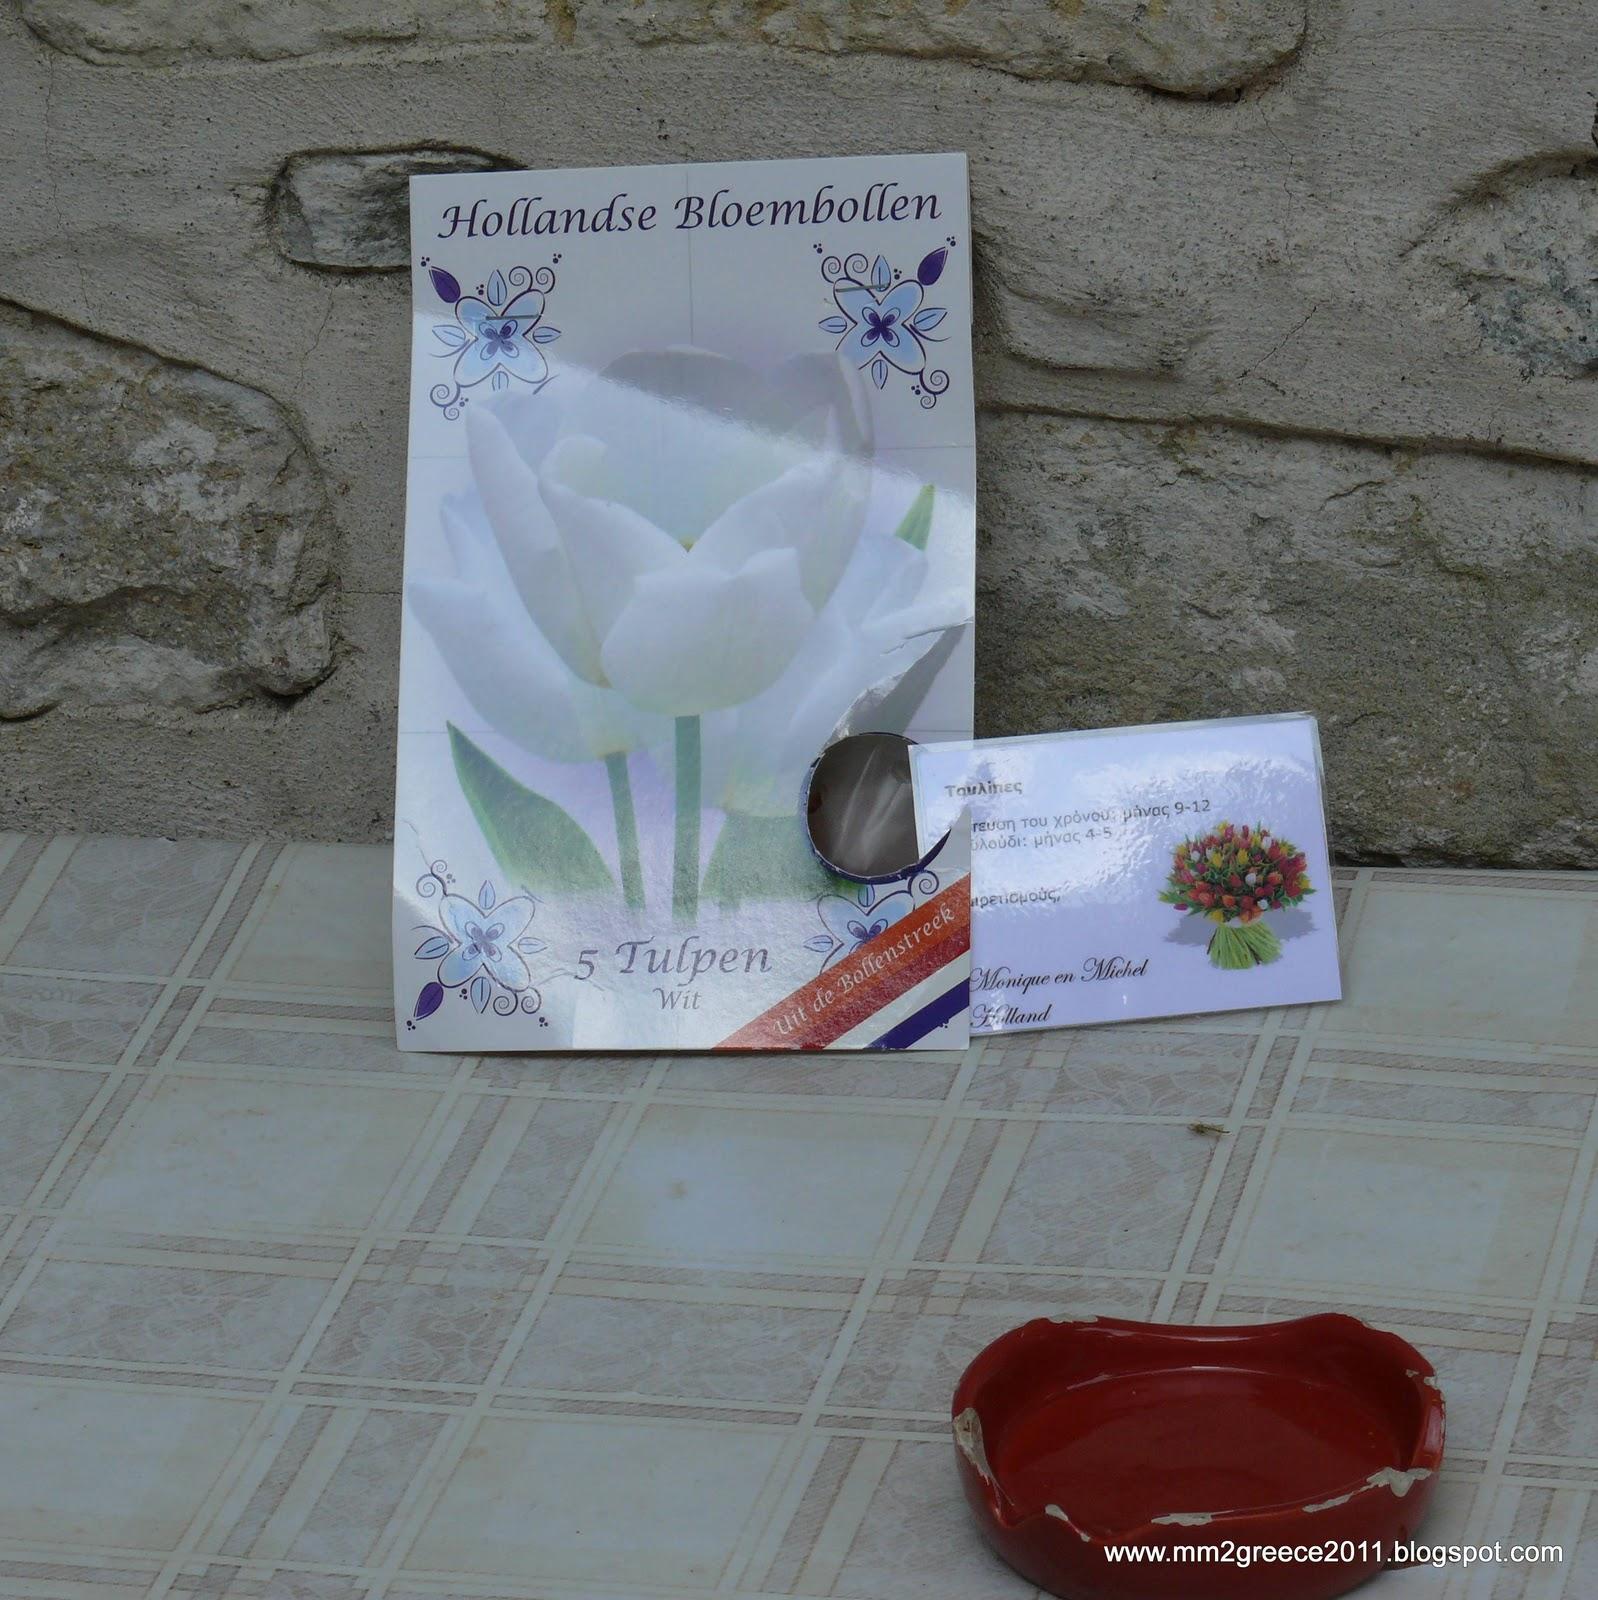 Mm2greece2011 bidden en preuts - Kantoor onder helling ...